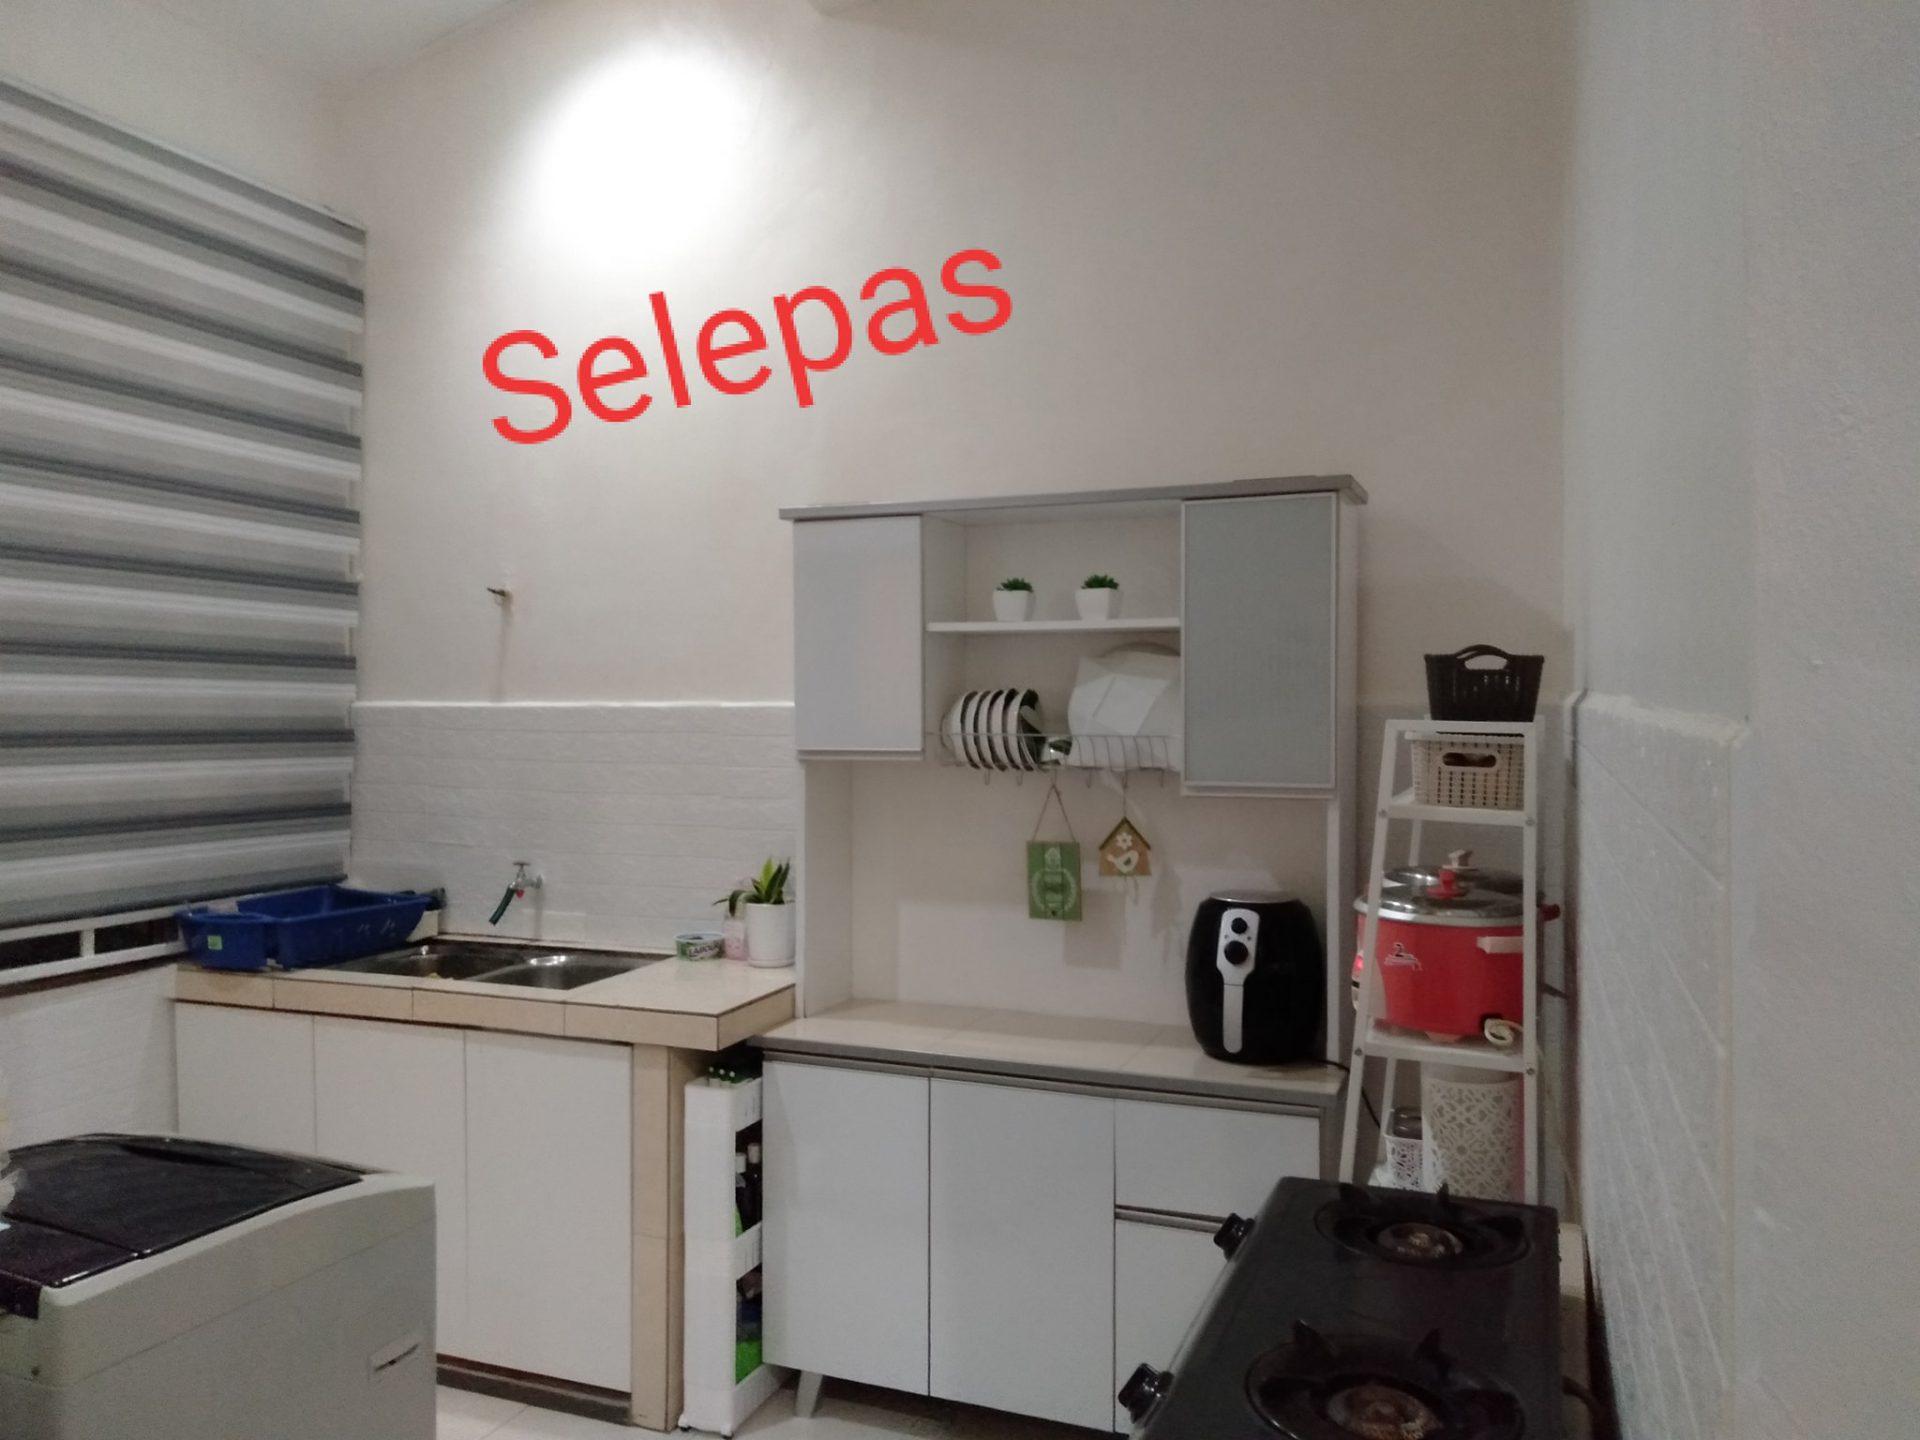 D.I.Y Kabinet Dapur, Mudah Tempah Pintu Dekat Shopee Tinggal Pasang Je 9